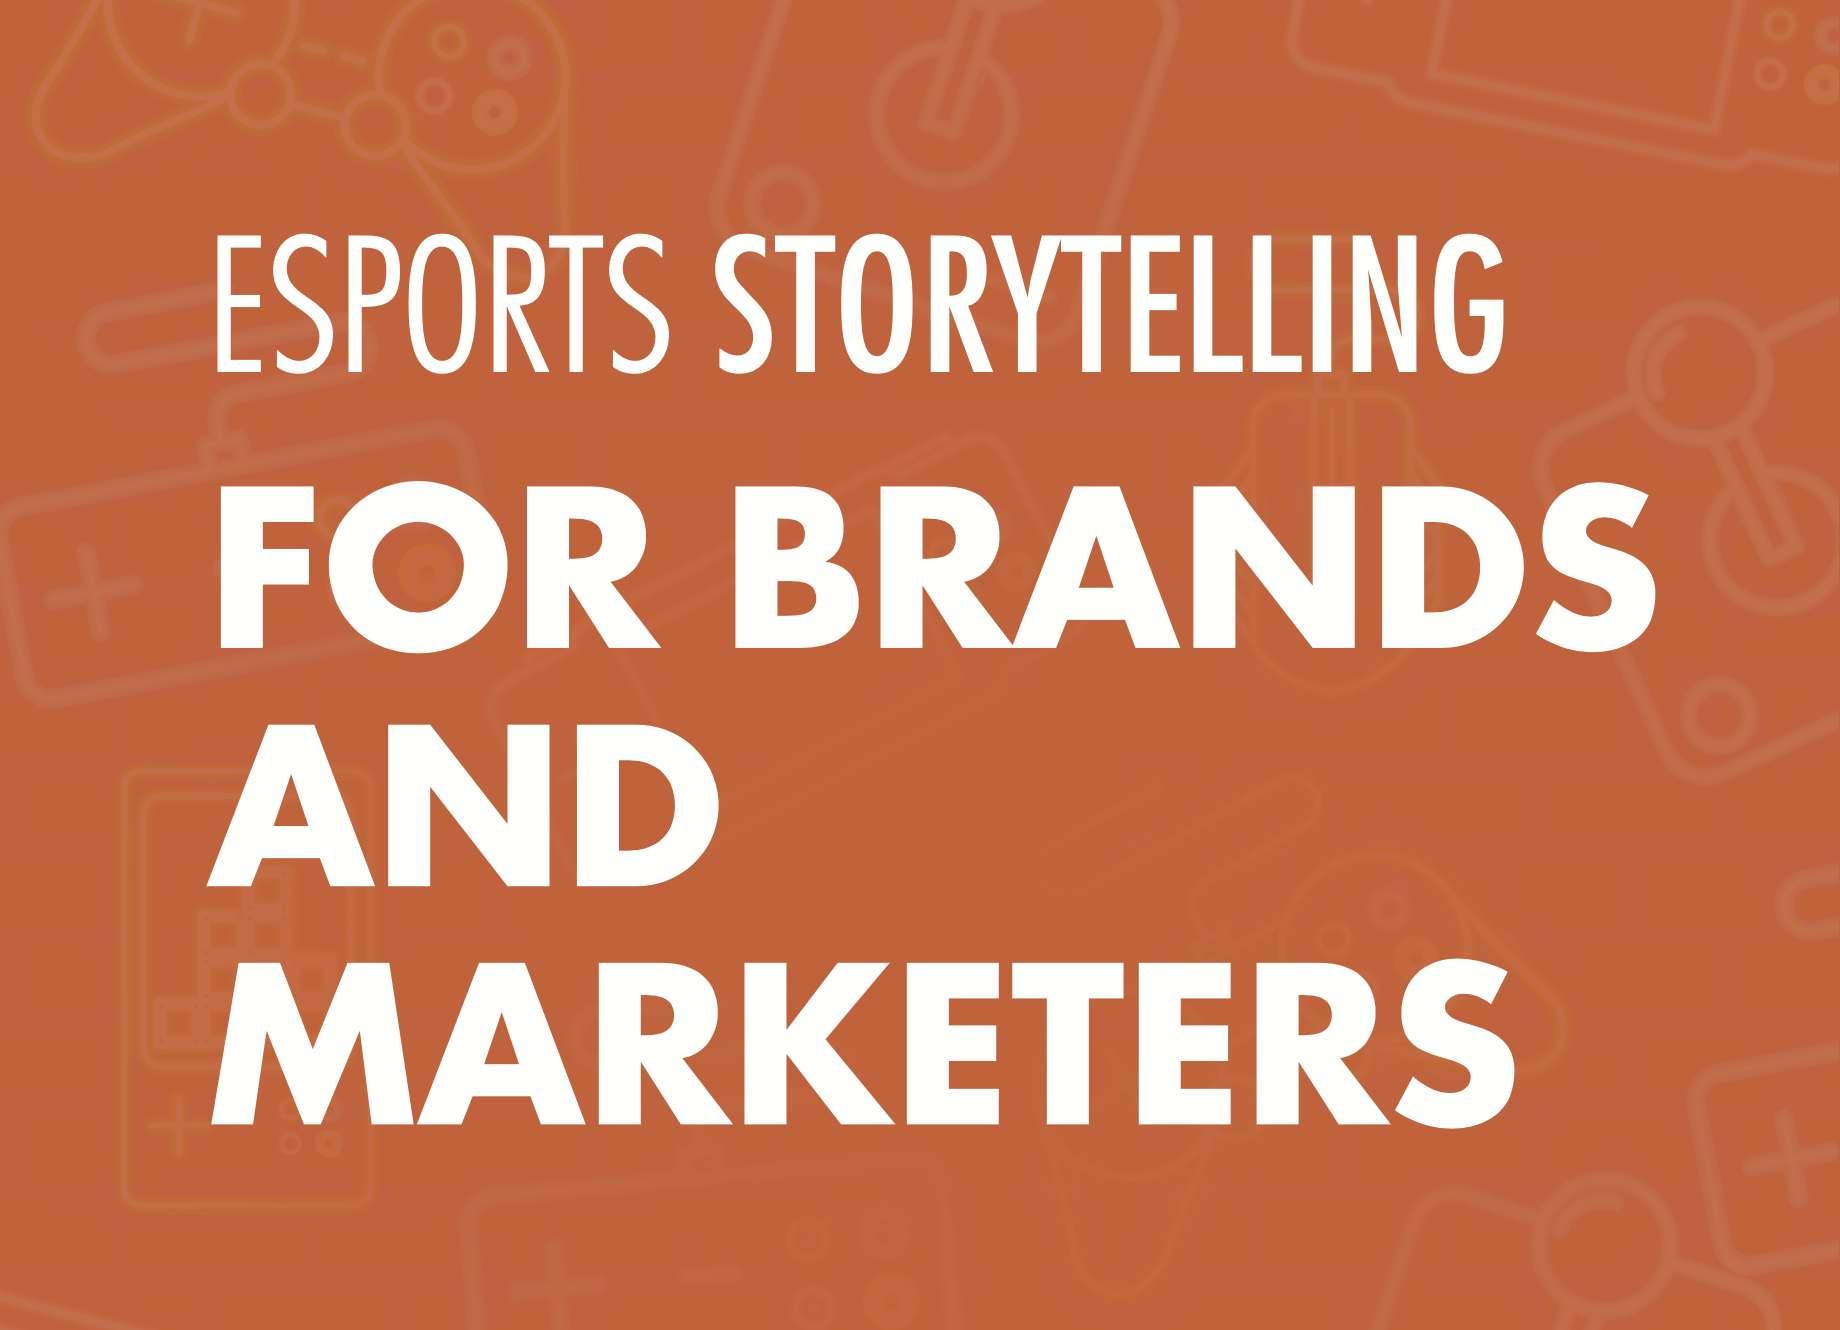 esports storytelling for